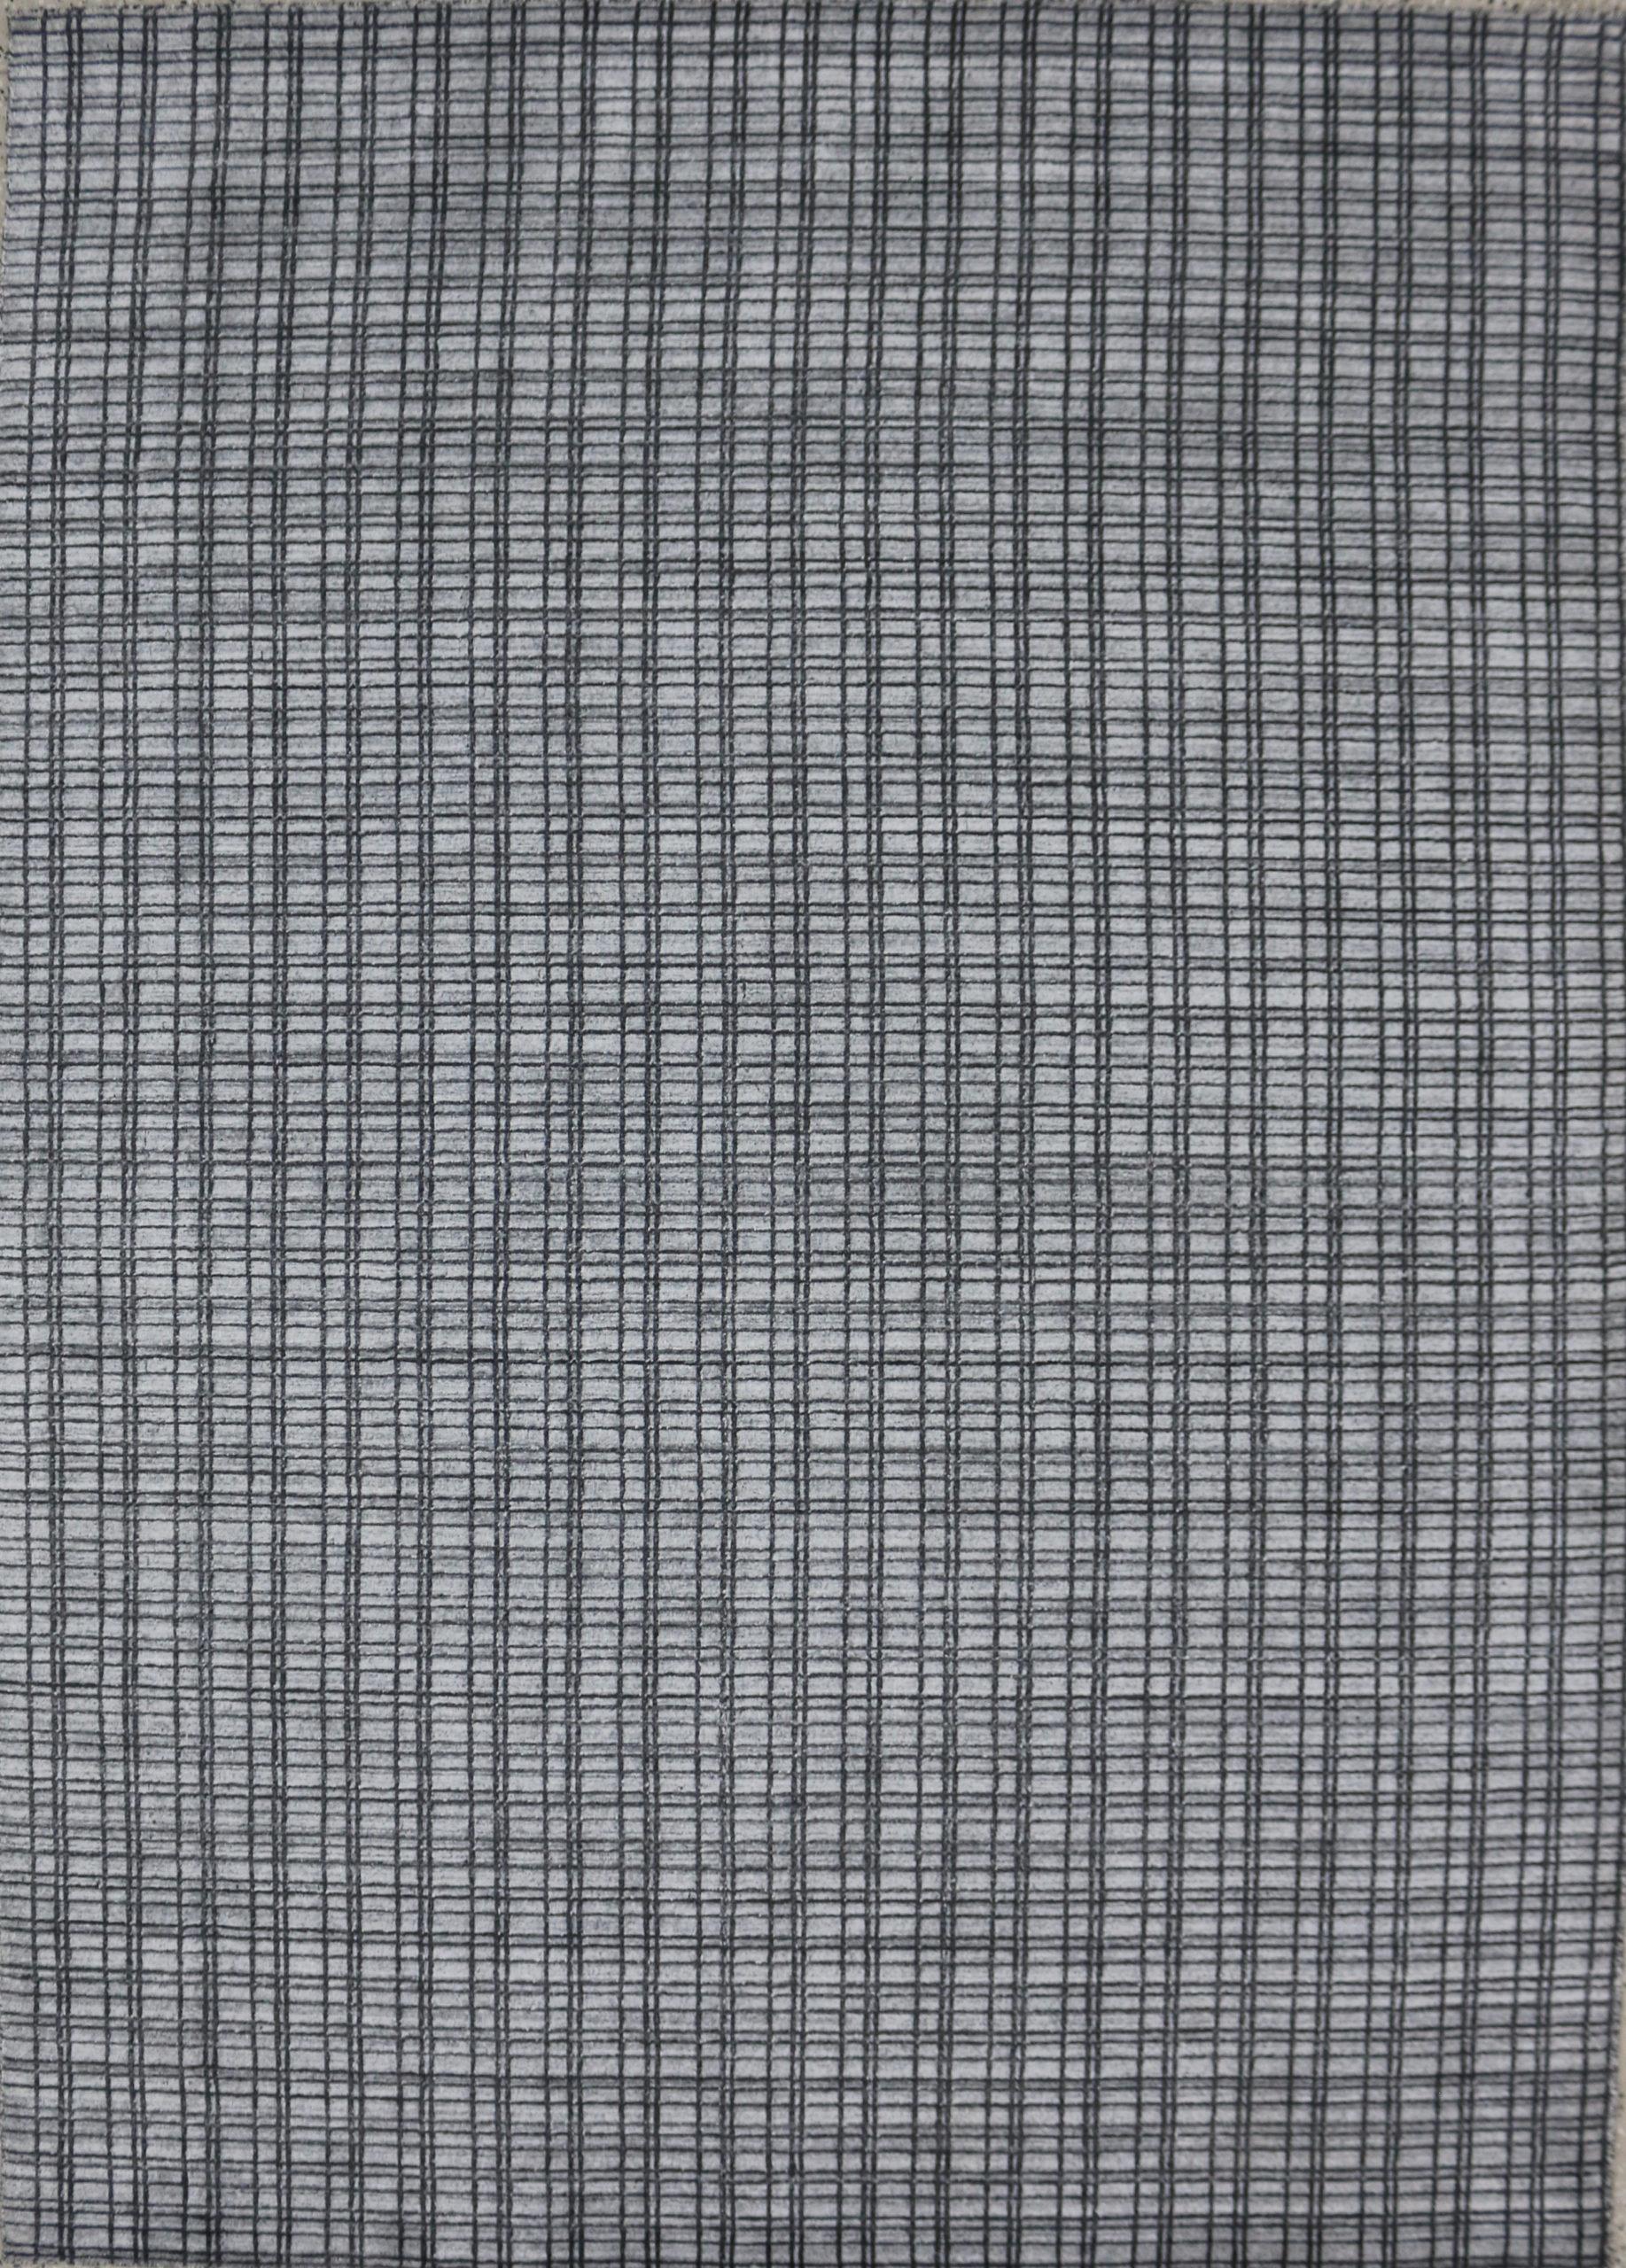 LH-01 LtGrey-Charcoal (1450B-1450D)